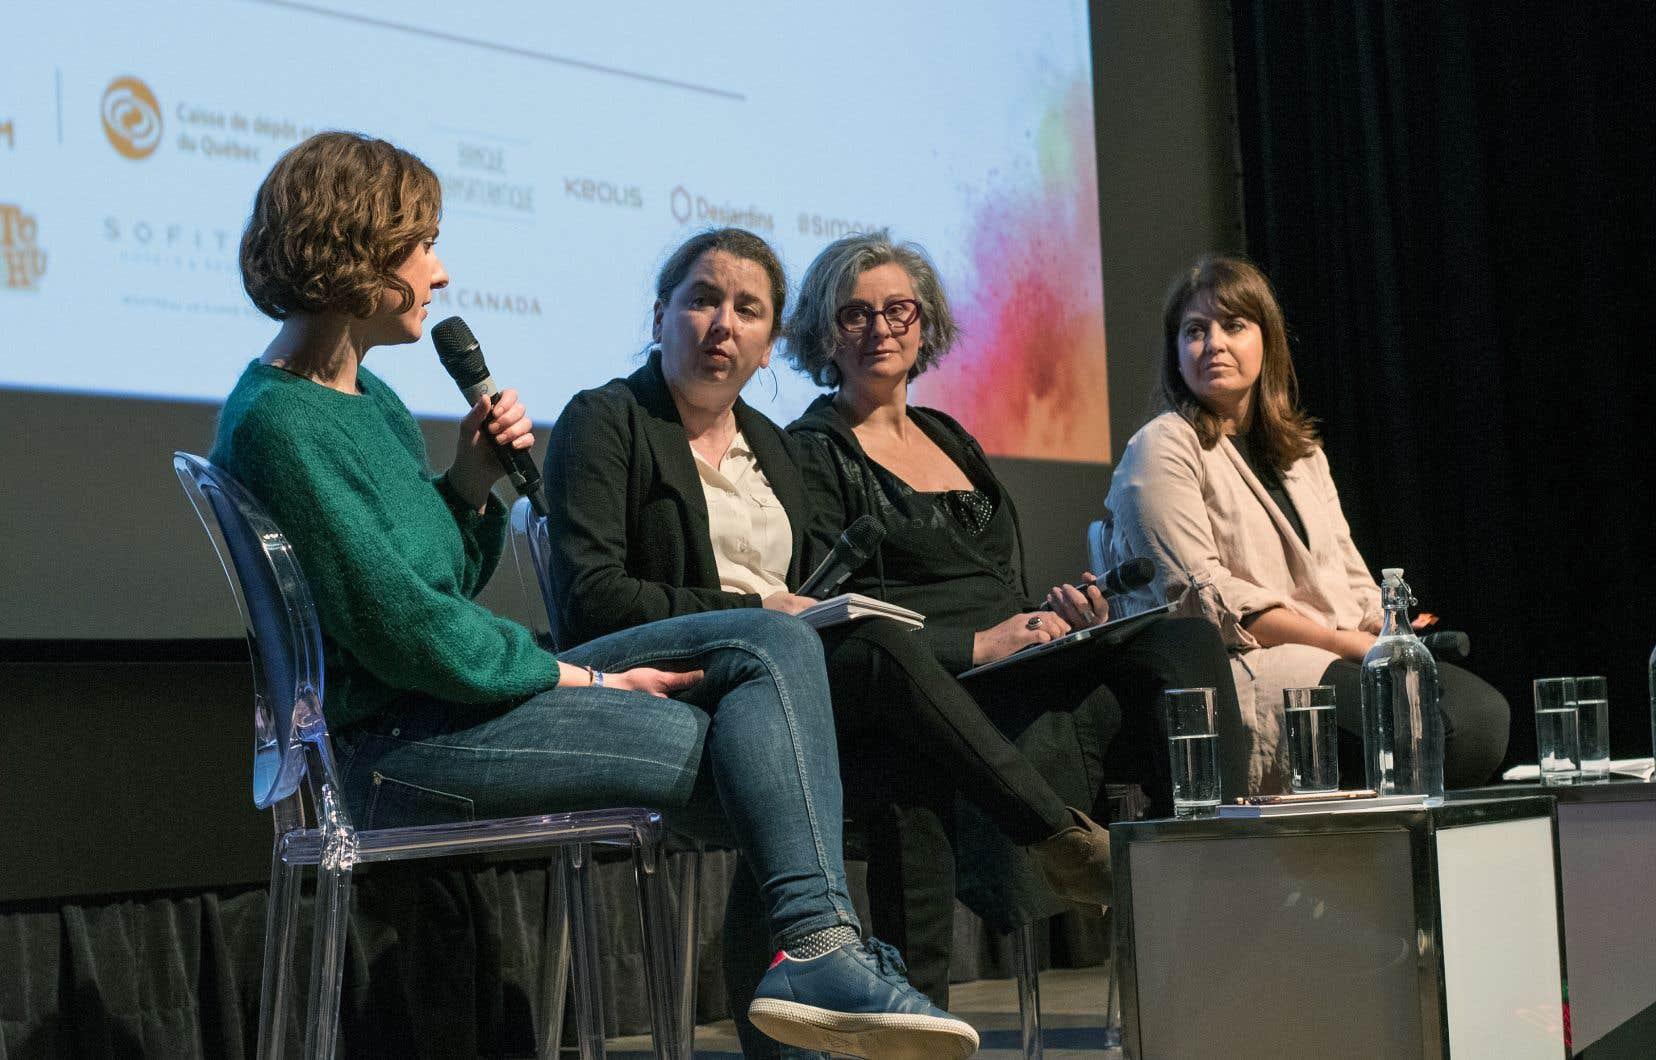 Animée par Isabelle Porter, journaliste au «Devoir», la conférence sur le phénomène #MoiAussi a réuni sur scène la journaliste française Astrid de Villaines, la sociologue Sandrine Ricci et la député péquiste Véronique Hivon.